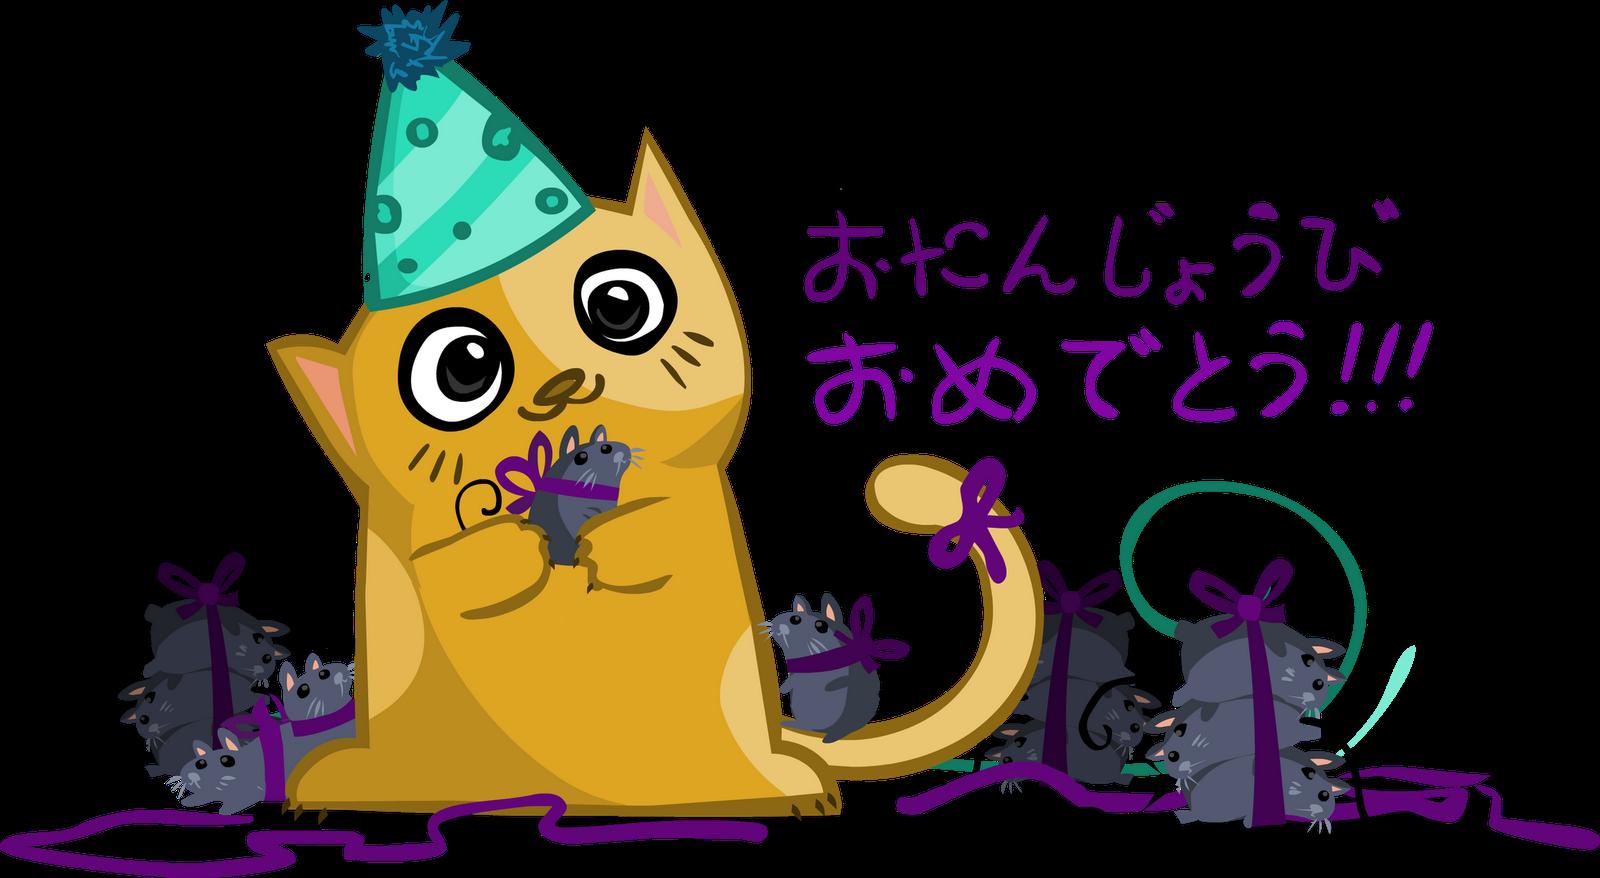 Шуточное поздравление с днём рождения от японцев 2441